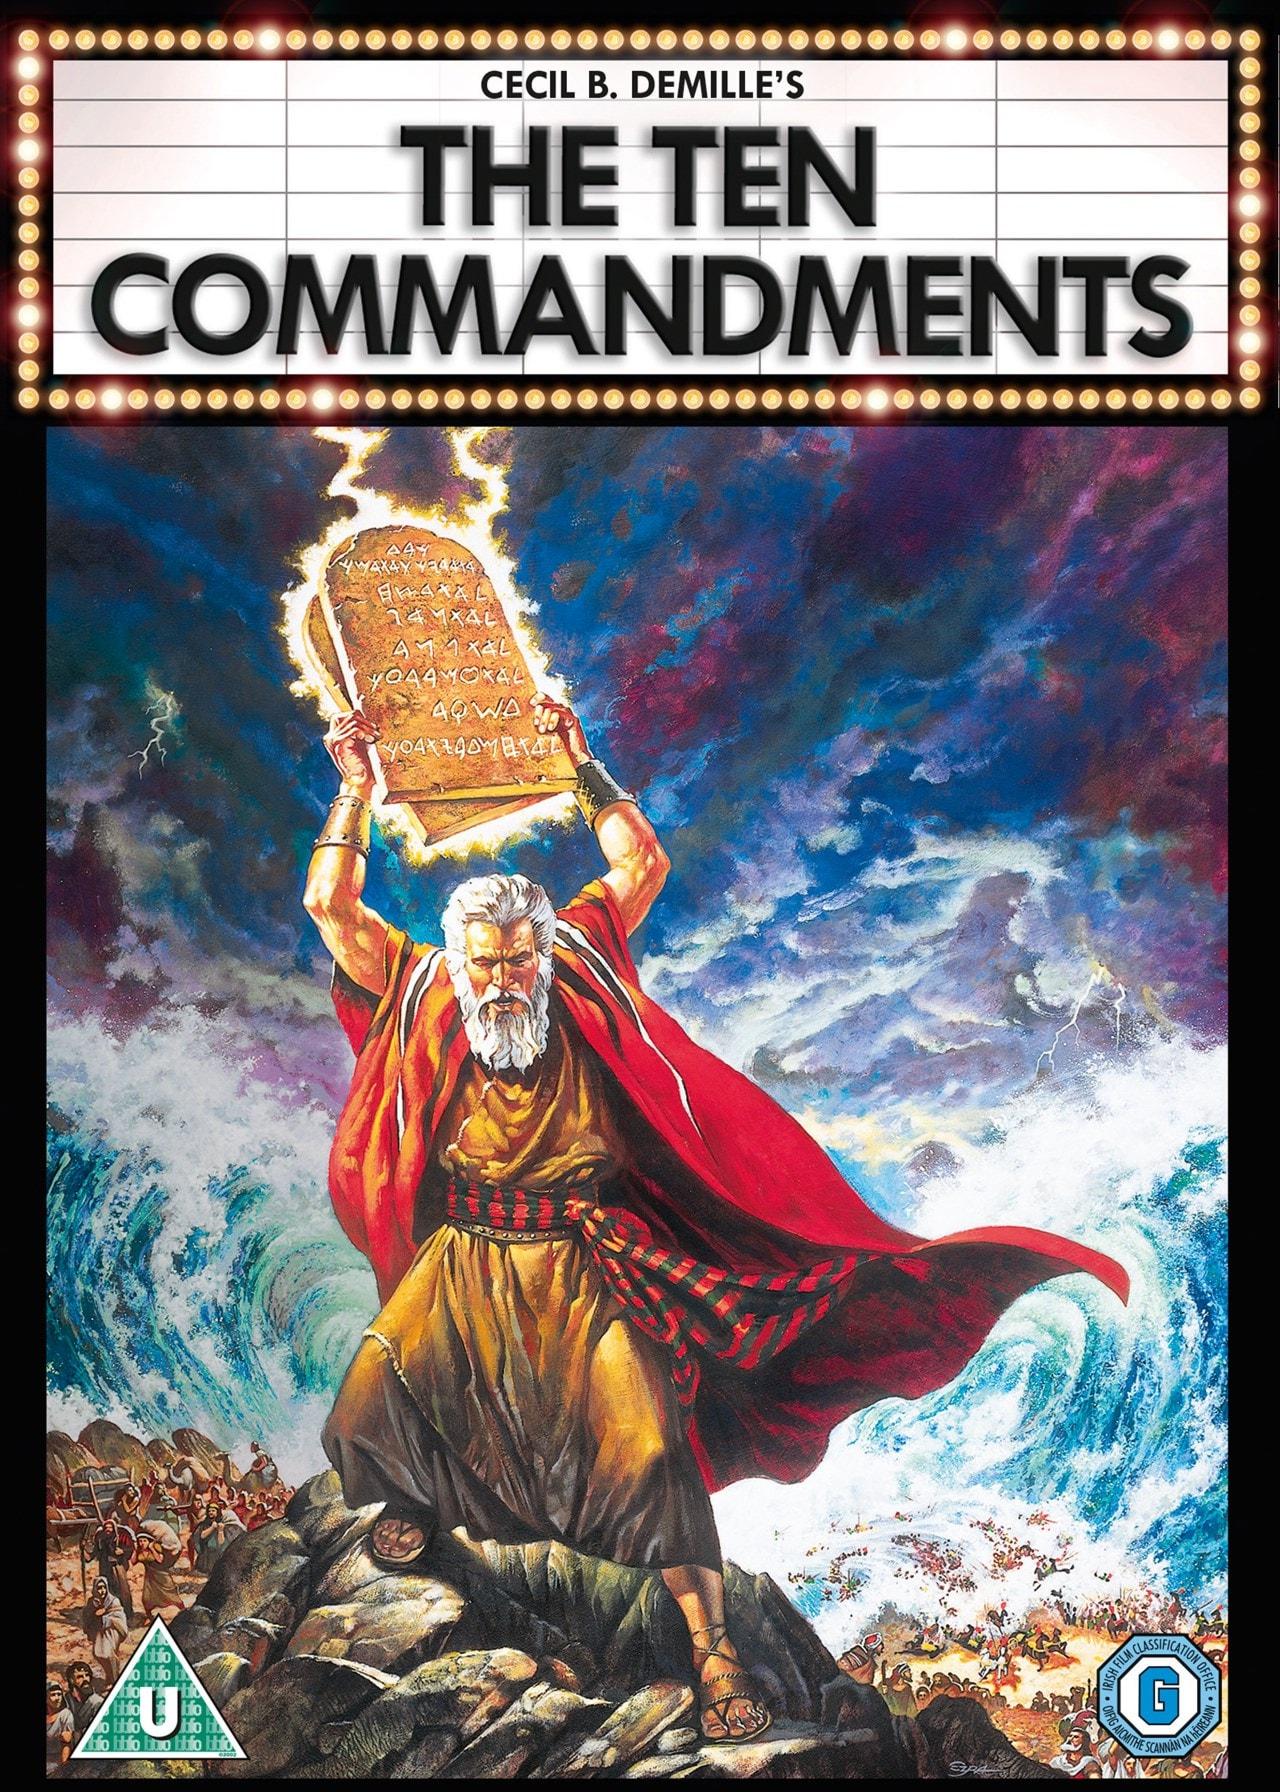 The Ten Commandments - 1